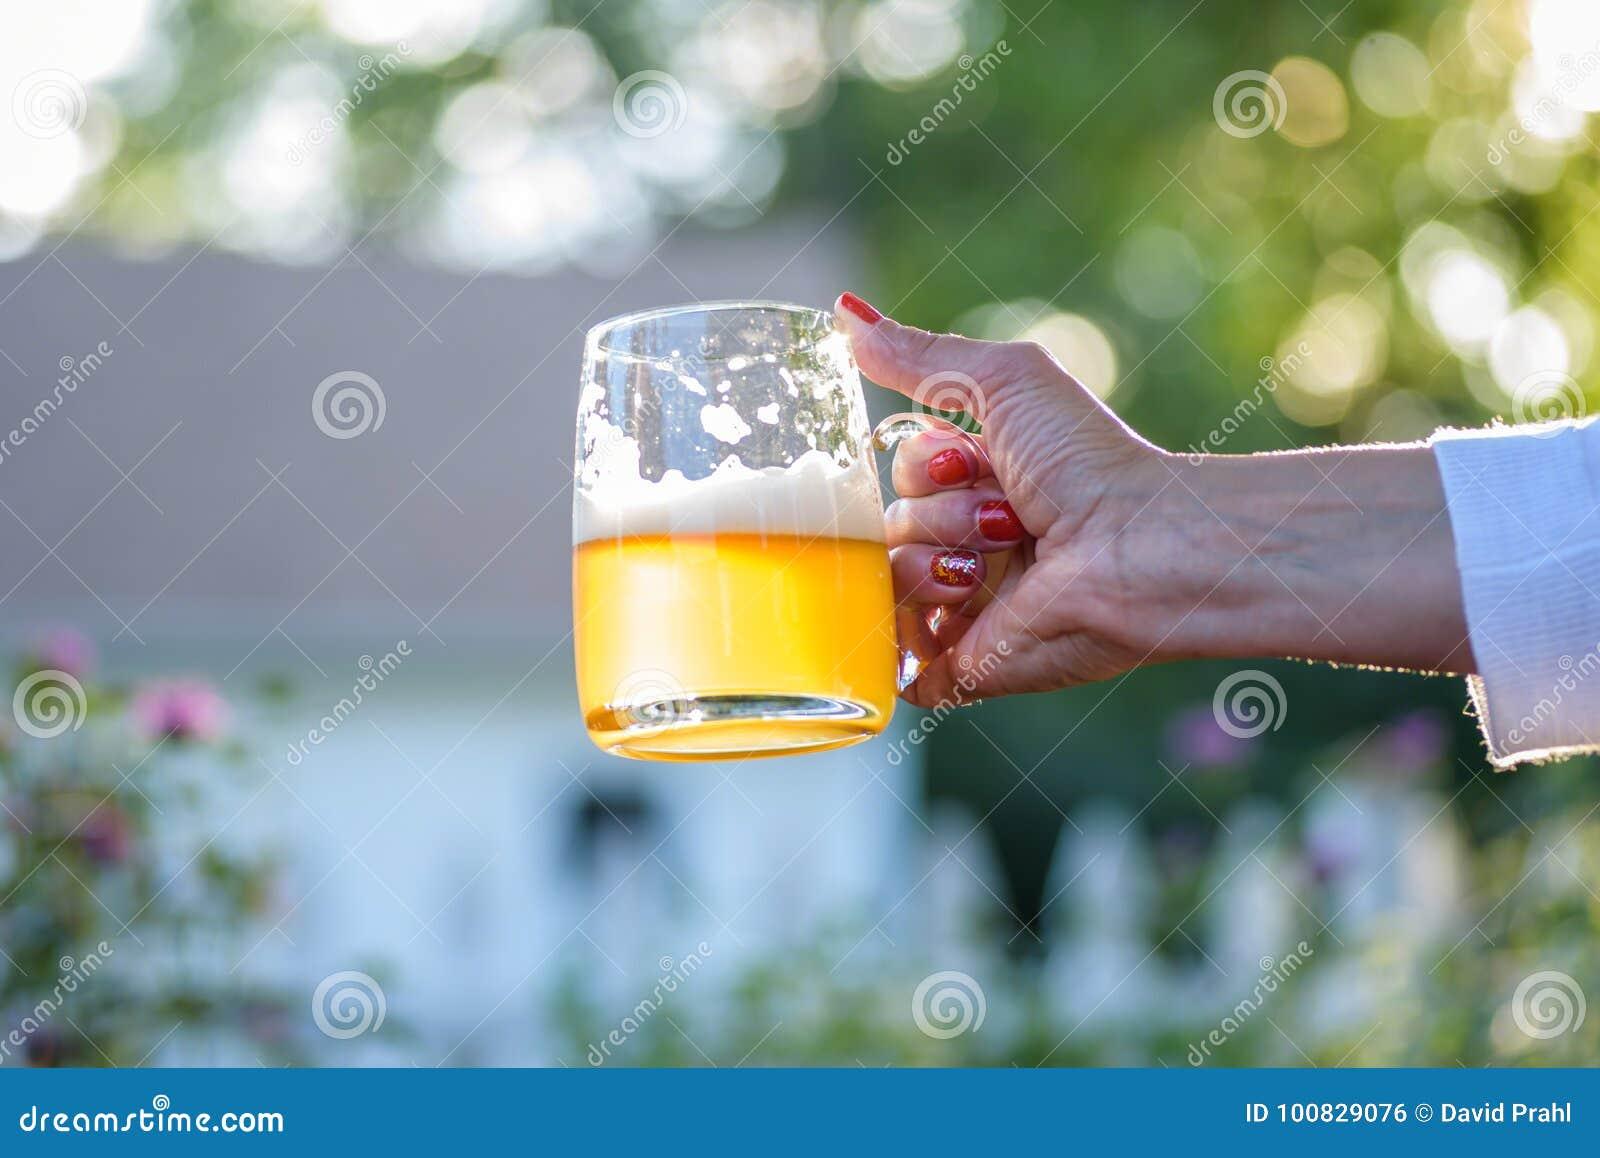 γυναίκα που κρατά μια κούπα γυαλιού της μπύρας το καλοκαίρι